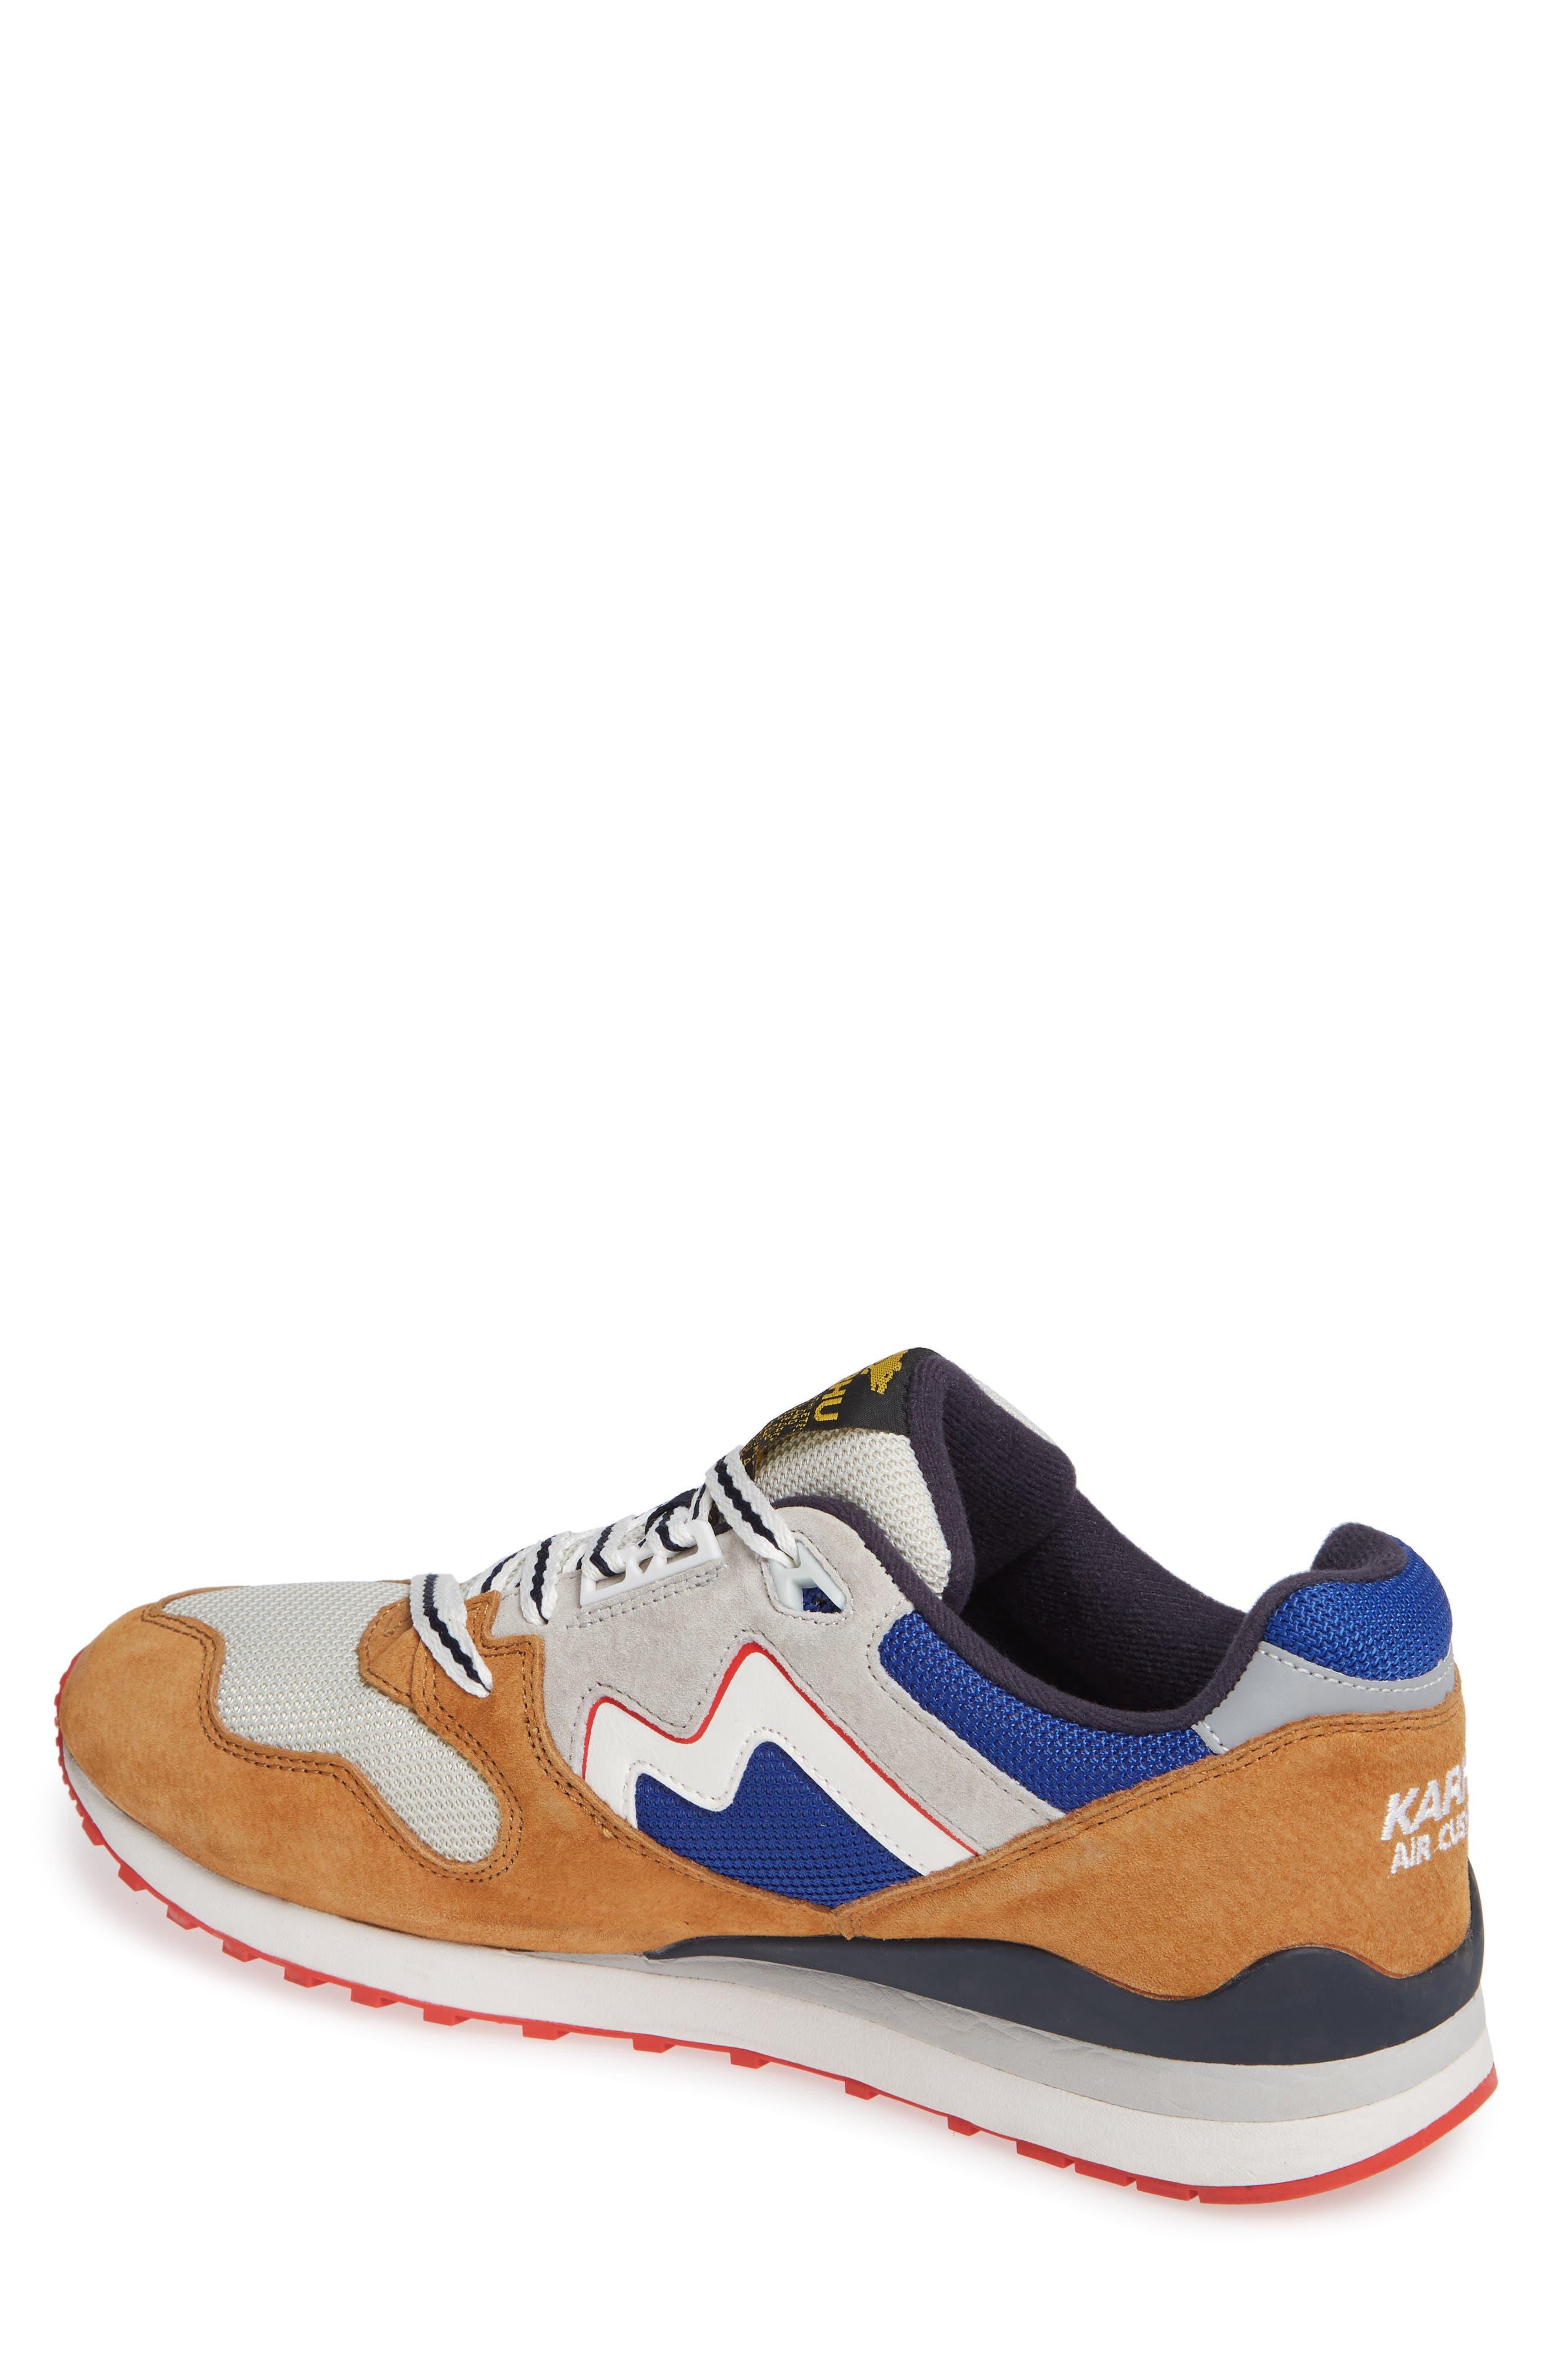 Synchron Classic Sneaker,                             Alternate thumbnail 2, color,                             OG GREY